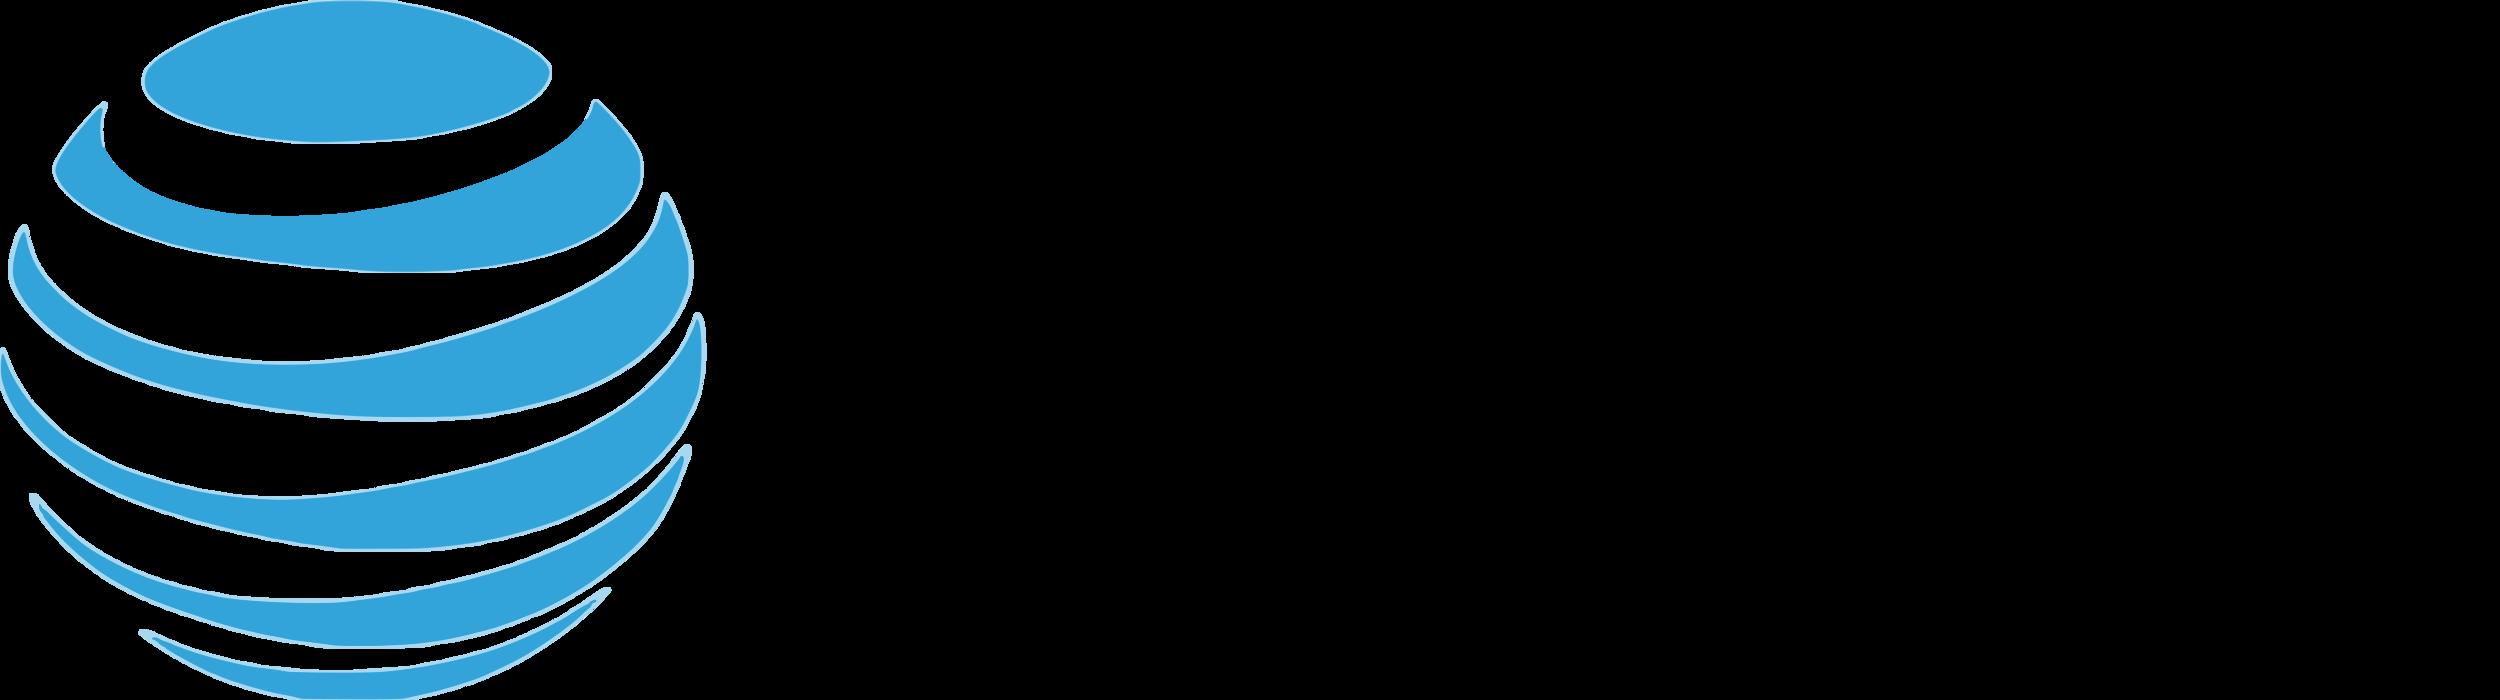 DirecTV_logo.png